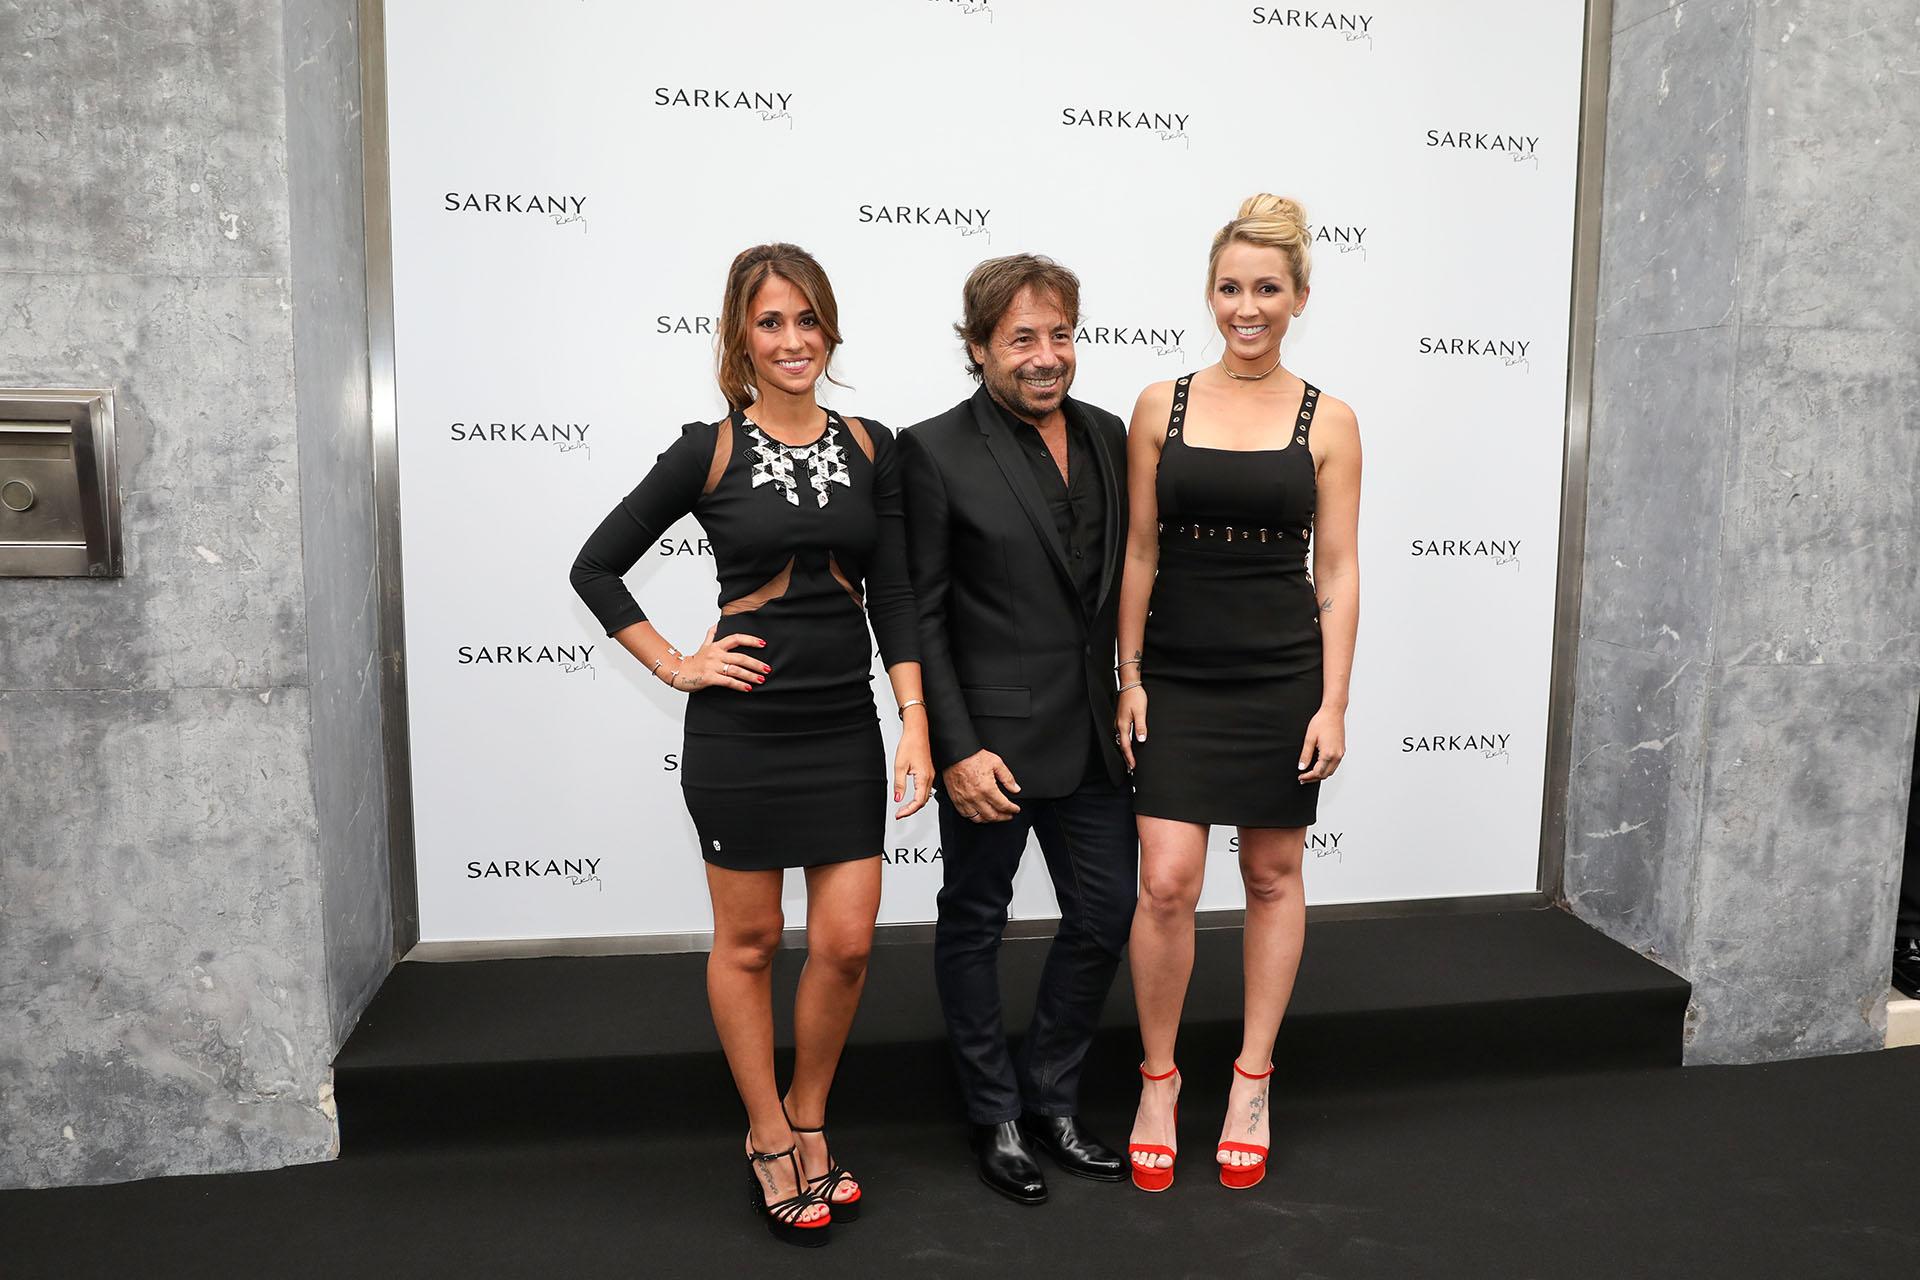 Ricky Sarkany junto a Antonella Roccuzzo y Sofía Balbi, quienes lucieron vestidos de Philipp Plein y sandalias Sarkany